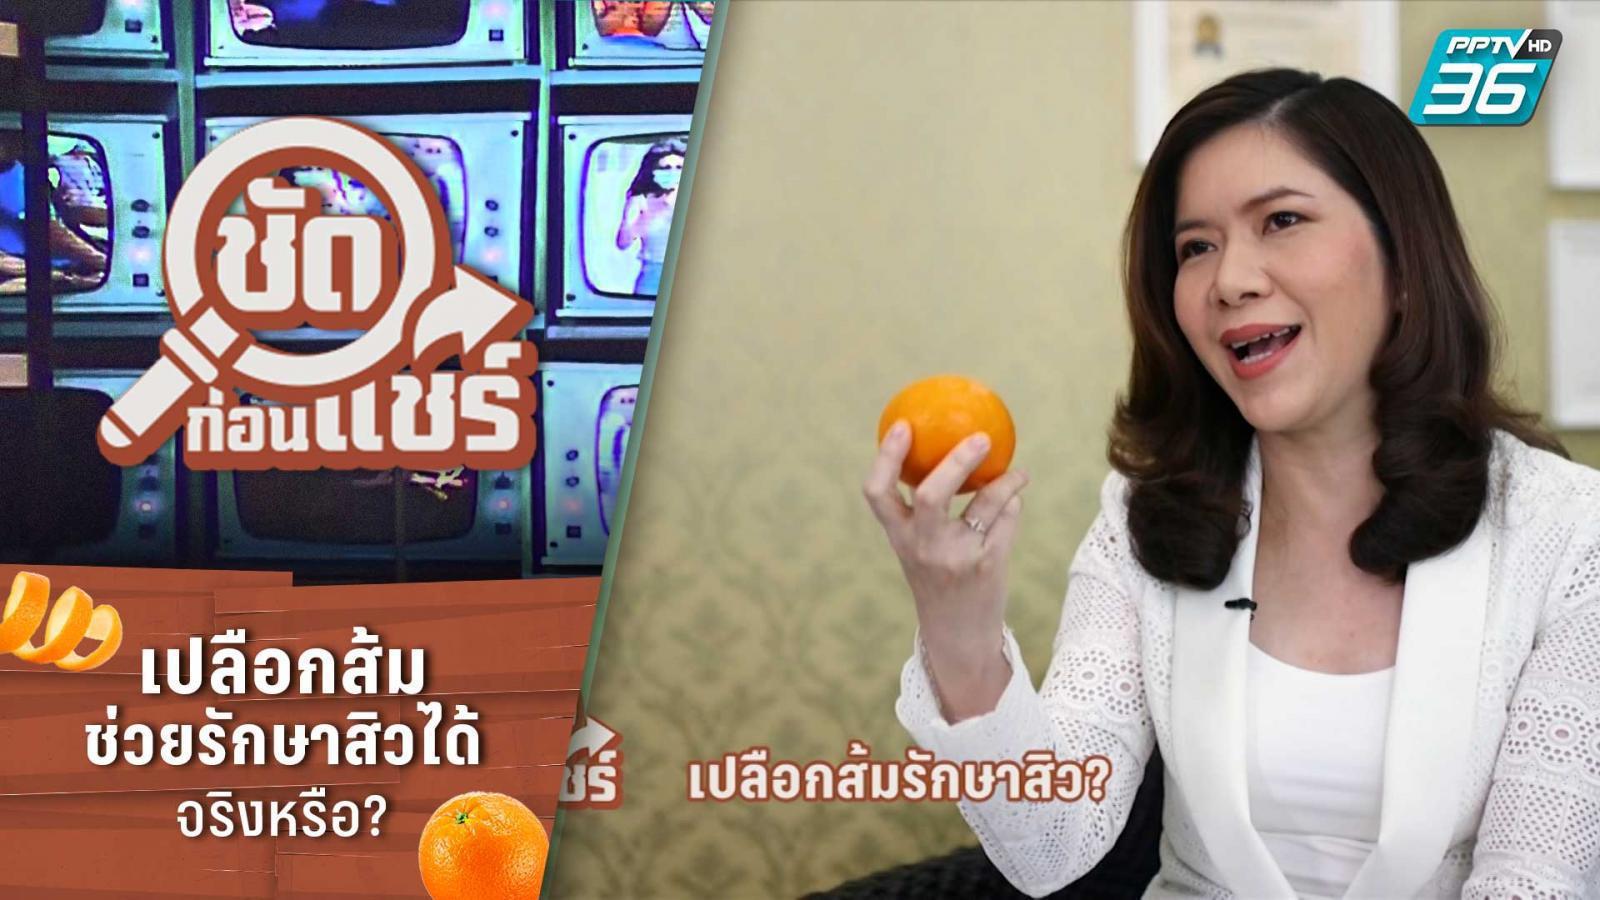 ชัดก่อนแชร์ | เปลือกส้มช่วยรักษาสิวได้จริงหรือ? | PPTV HD 36